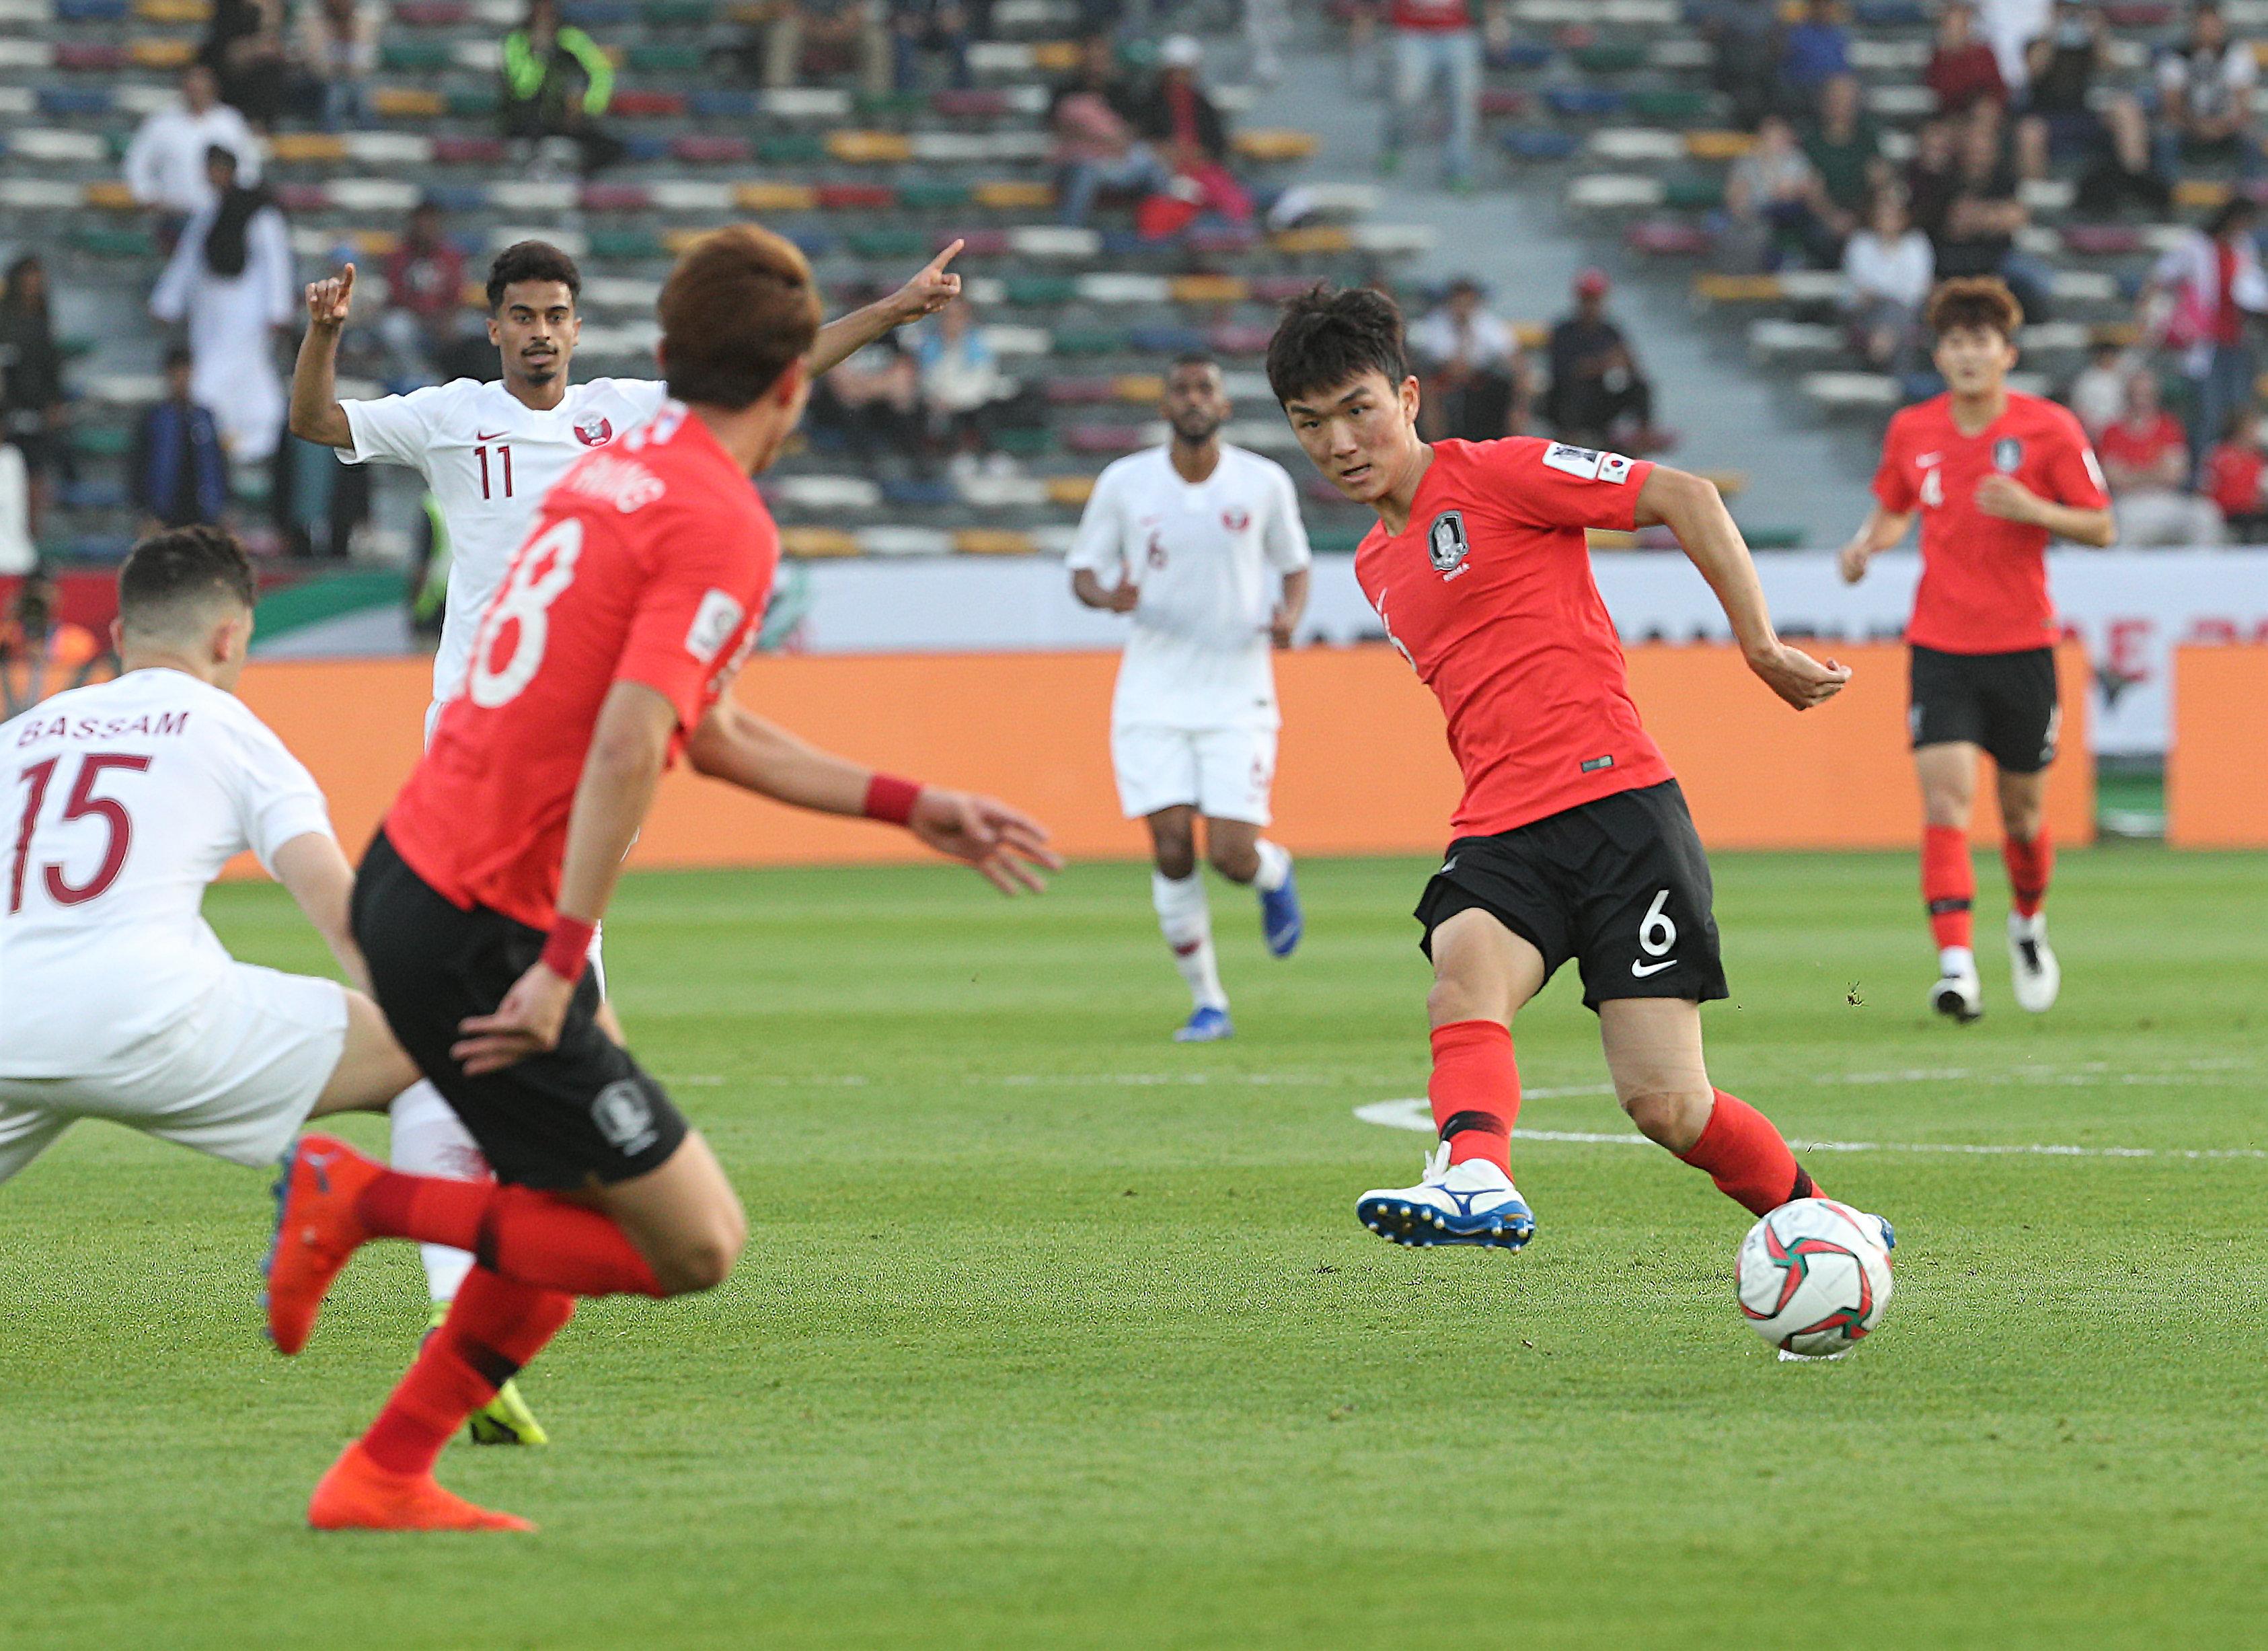 [아시안컵]한국이 8강 카타르전 전반을 0-0으로